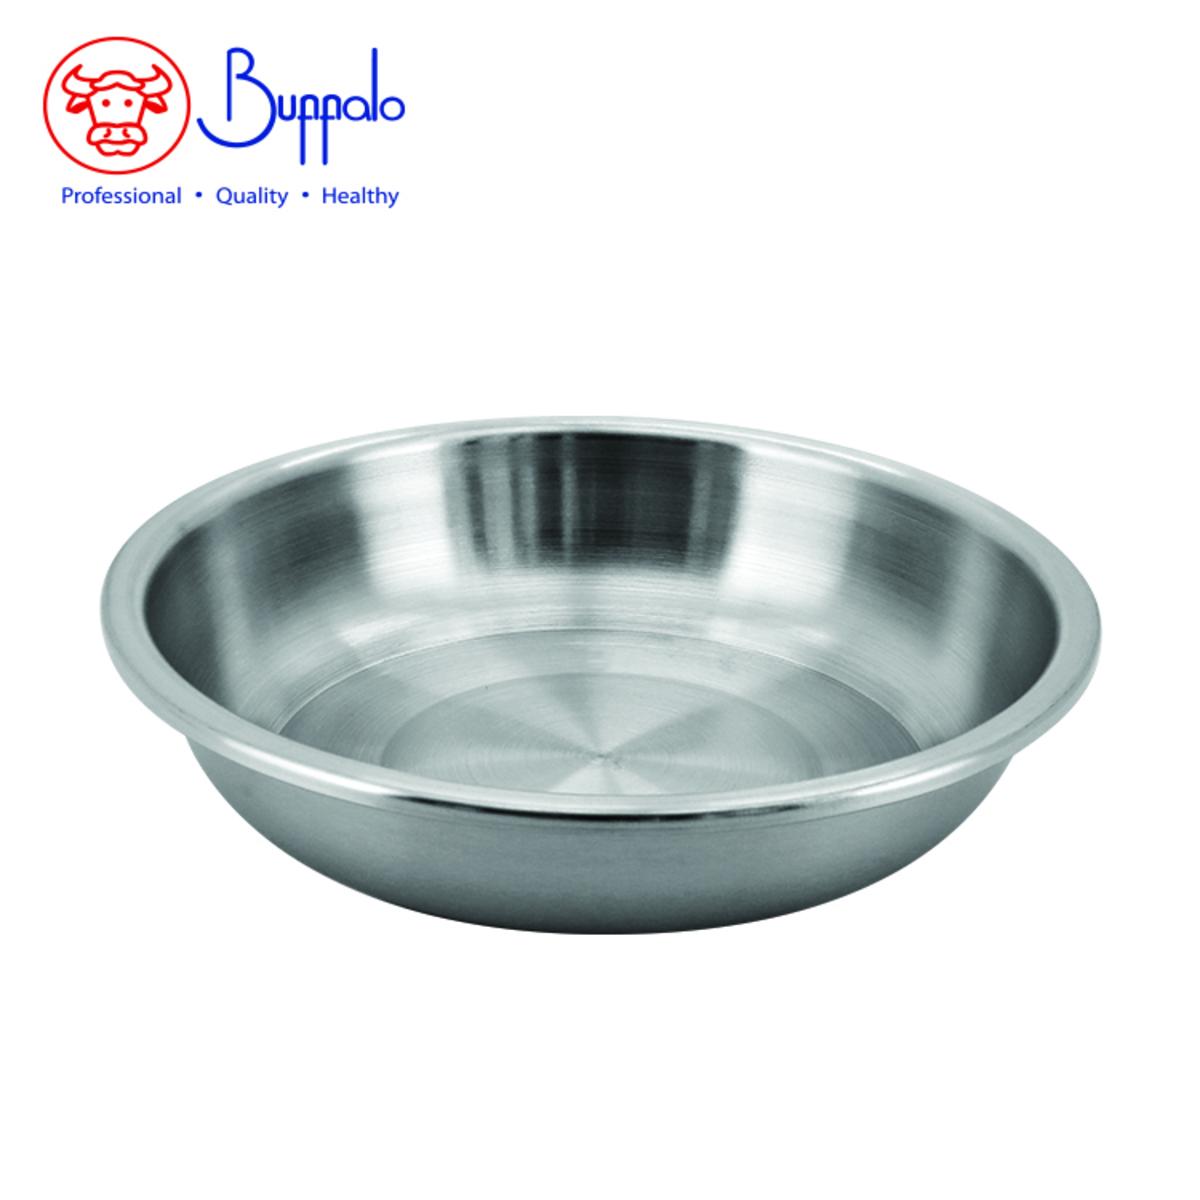 優質不銹鋼菜碟18厘米 (BFP001-18)